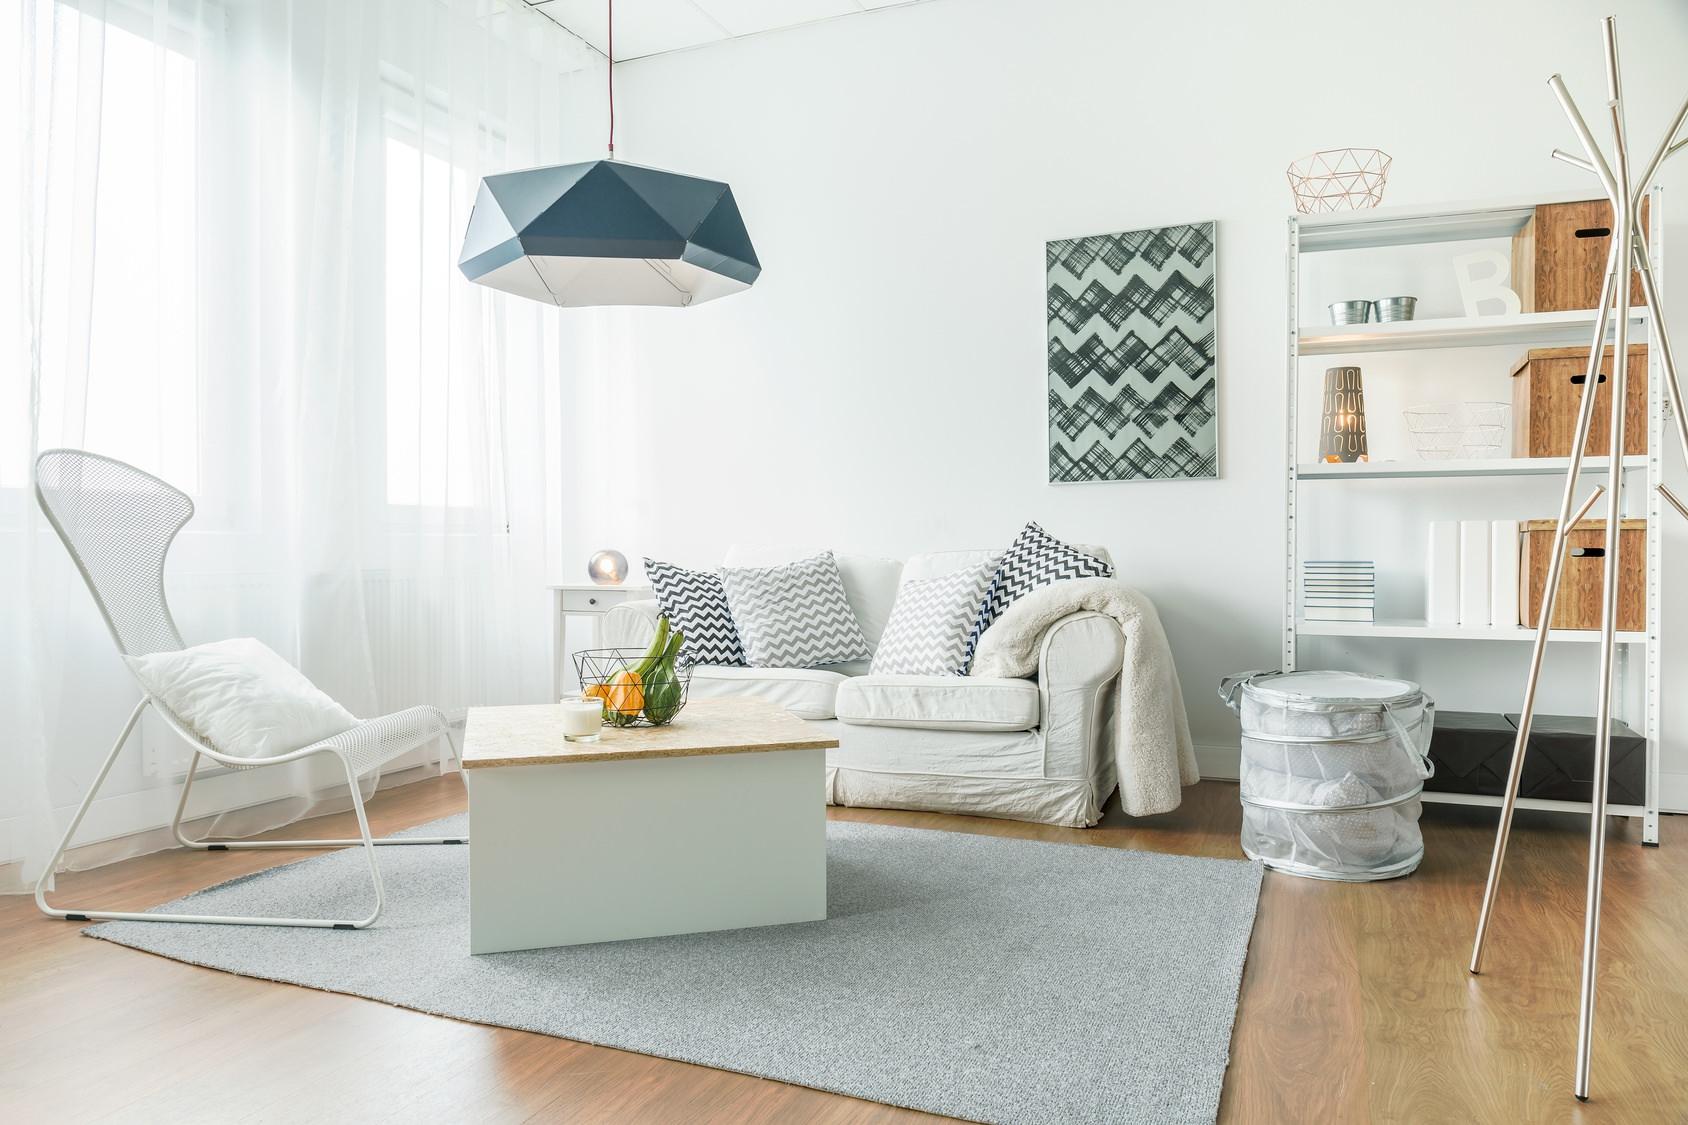 Louer Son Appartement Ou Sa Maison Les Avantages E Gerance